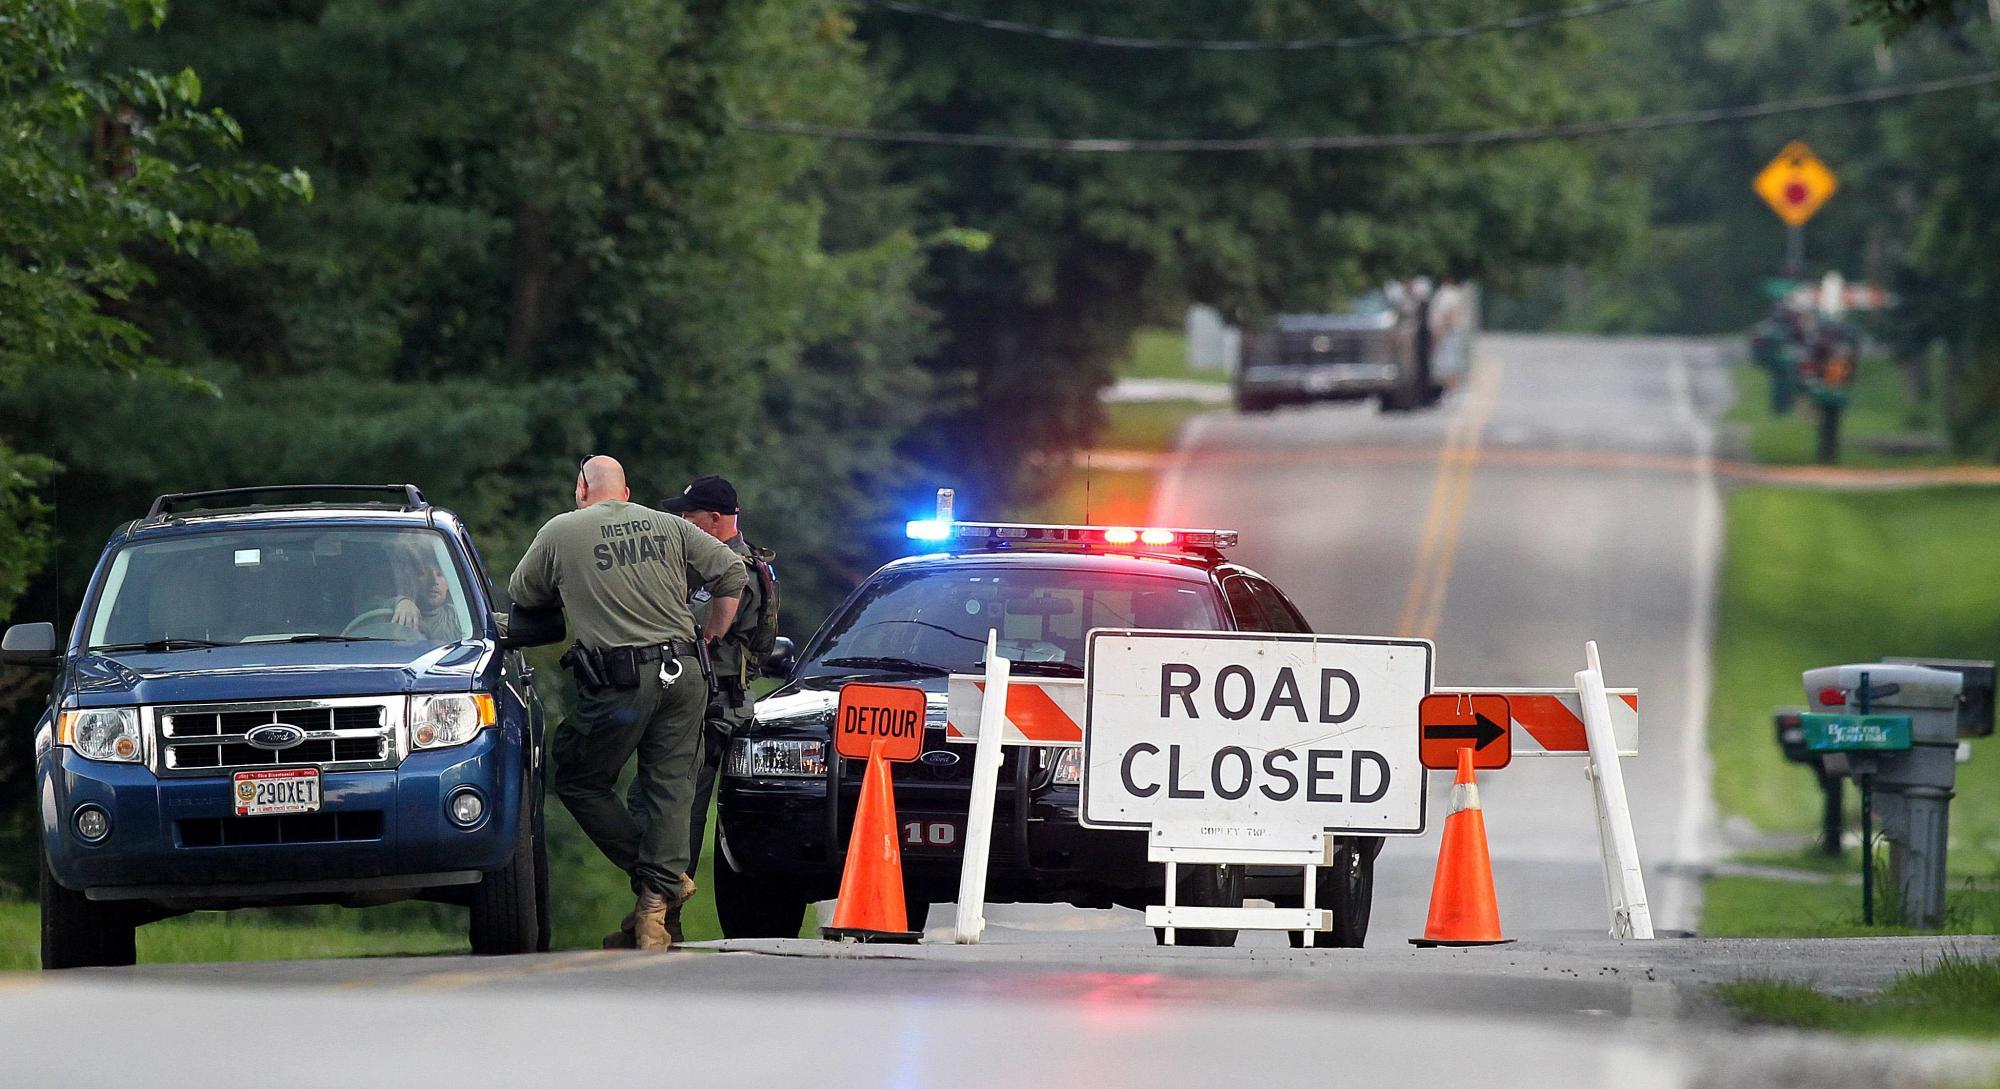 美国发生恶性枪击事件8死2伤 凶手被当场击毙